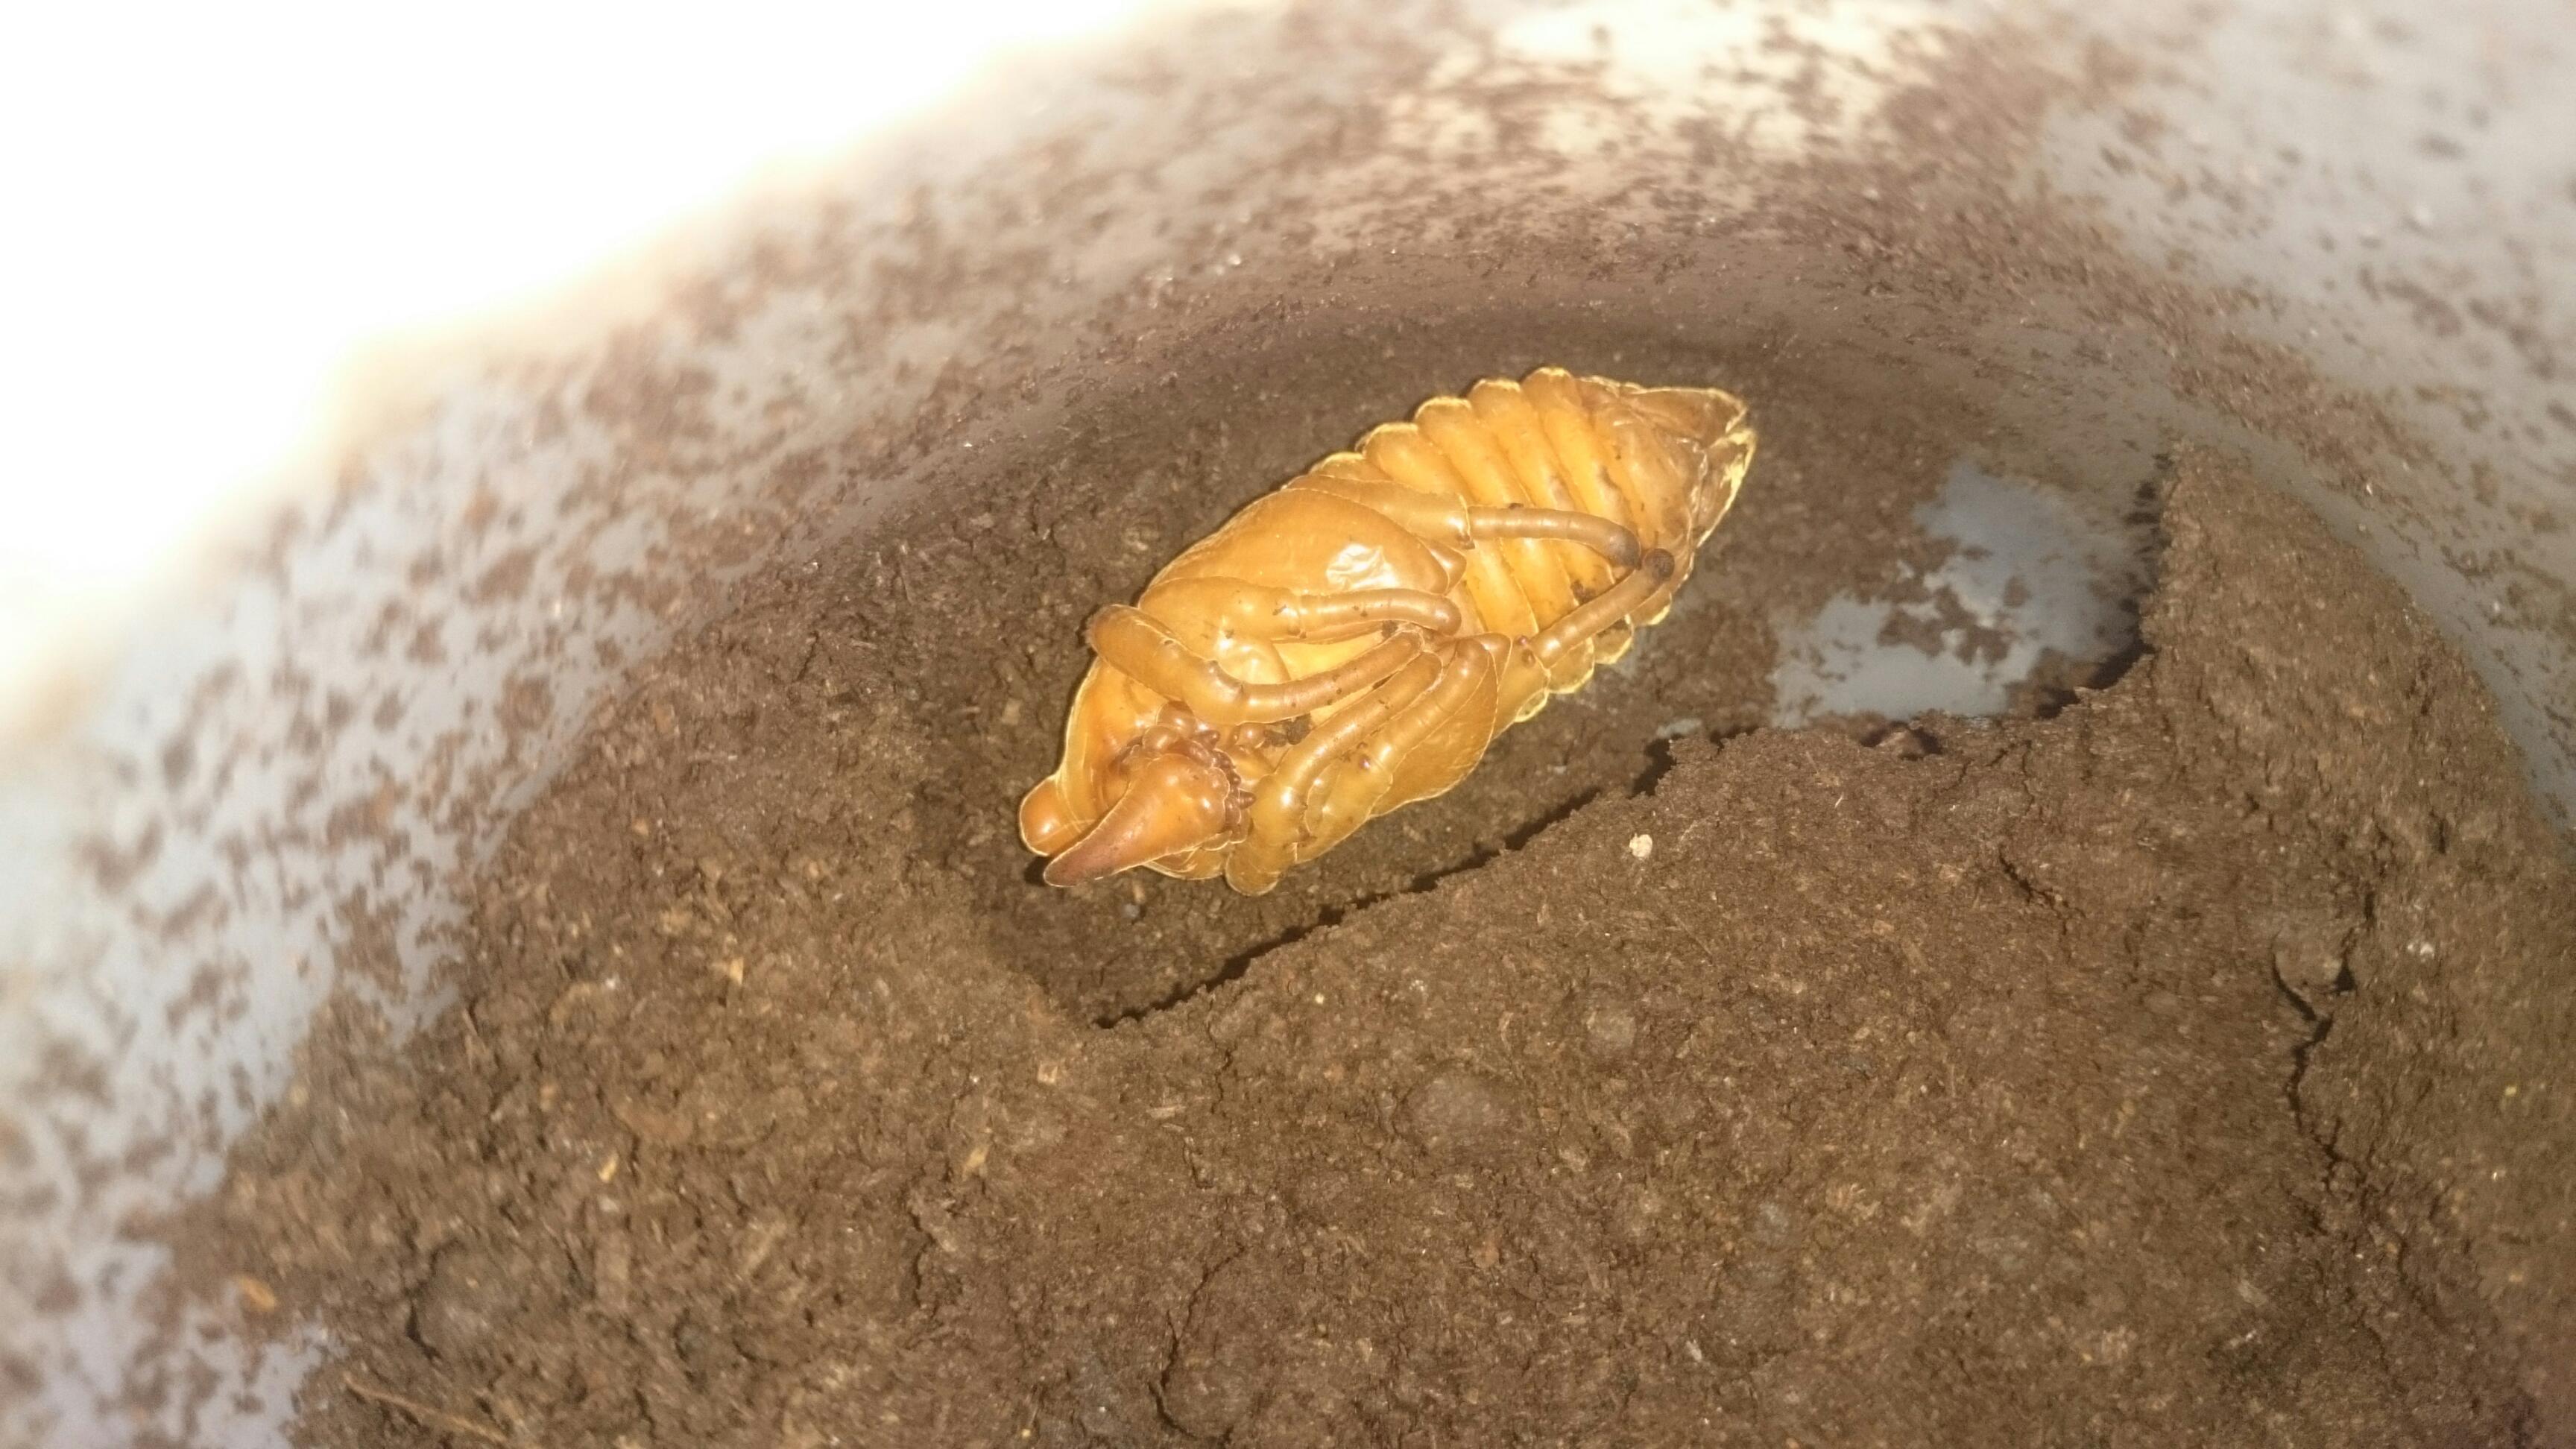 ゴロファ・グロブリコルニス蛹